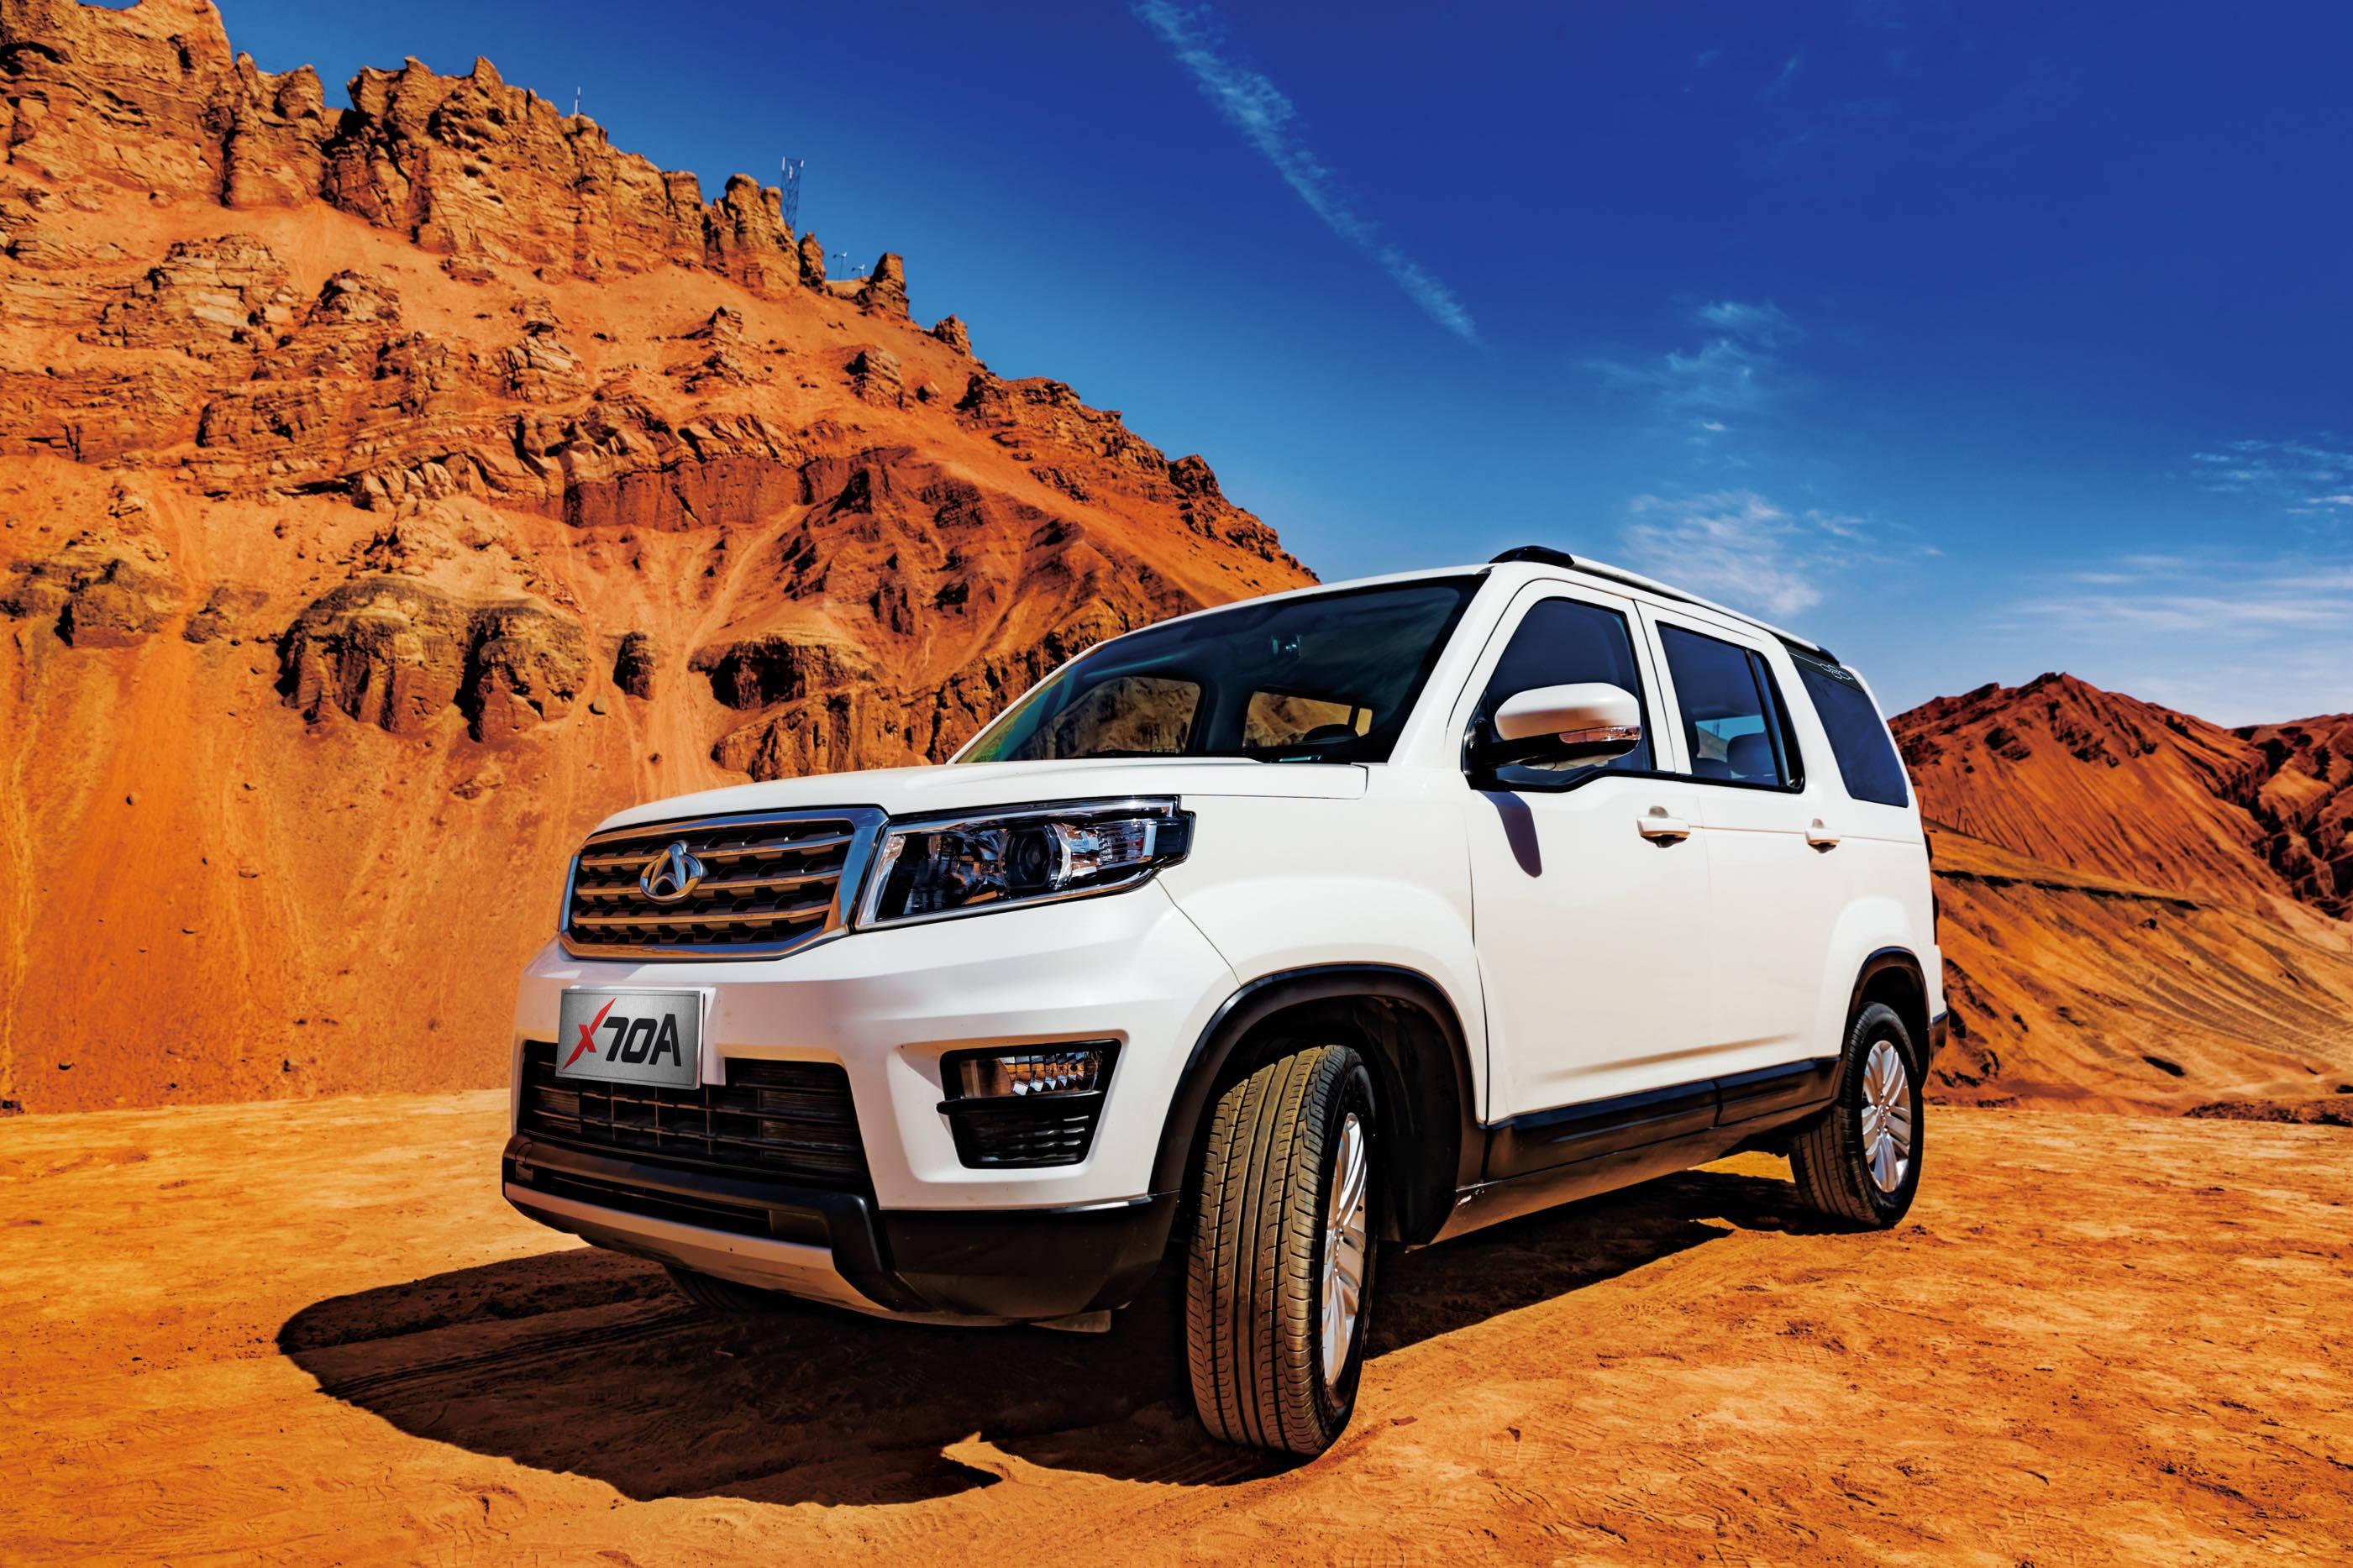 长安欧尚X70A,一款售价仅为51900的高品味SUV上市